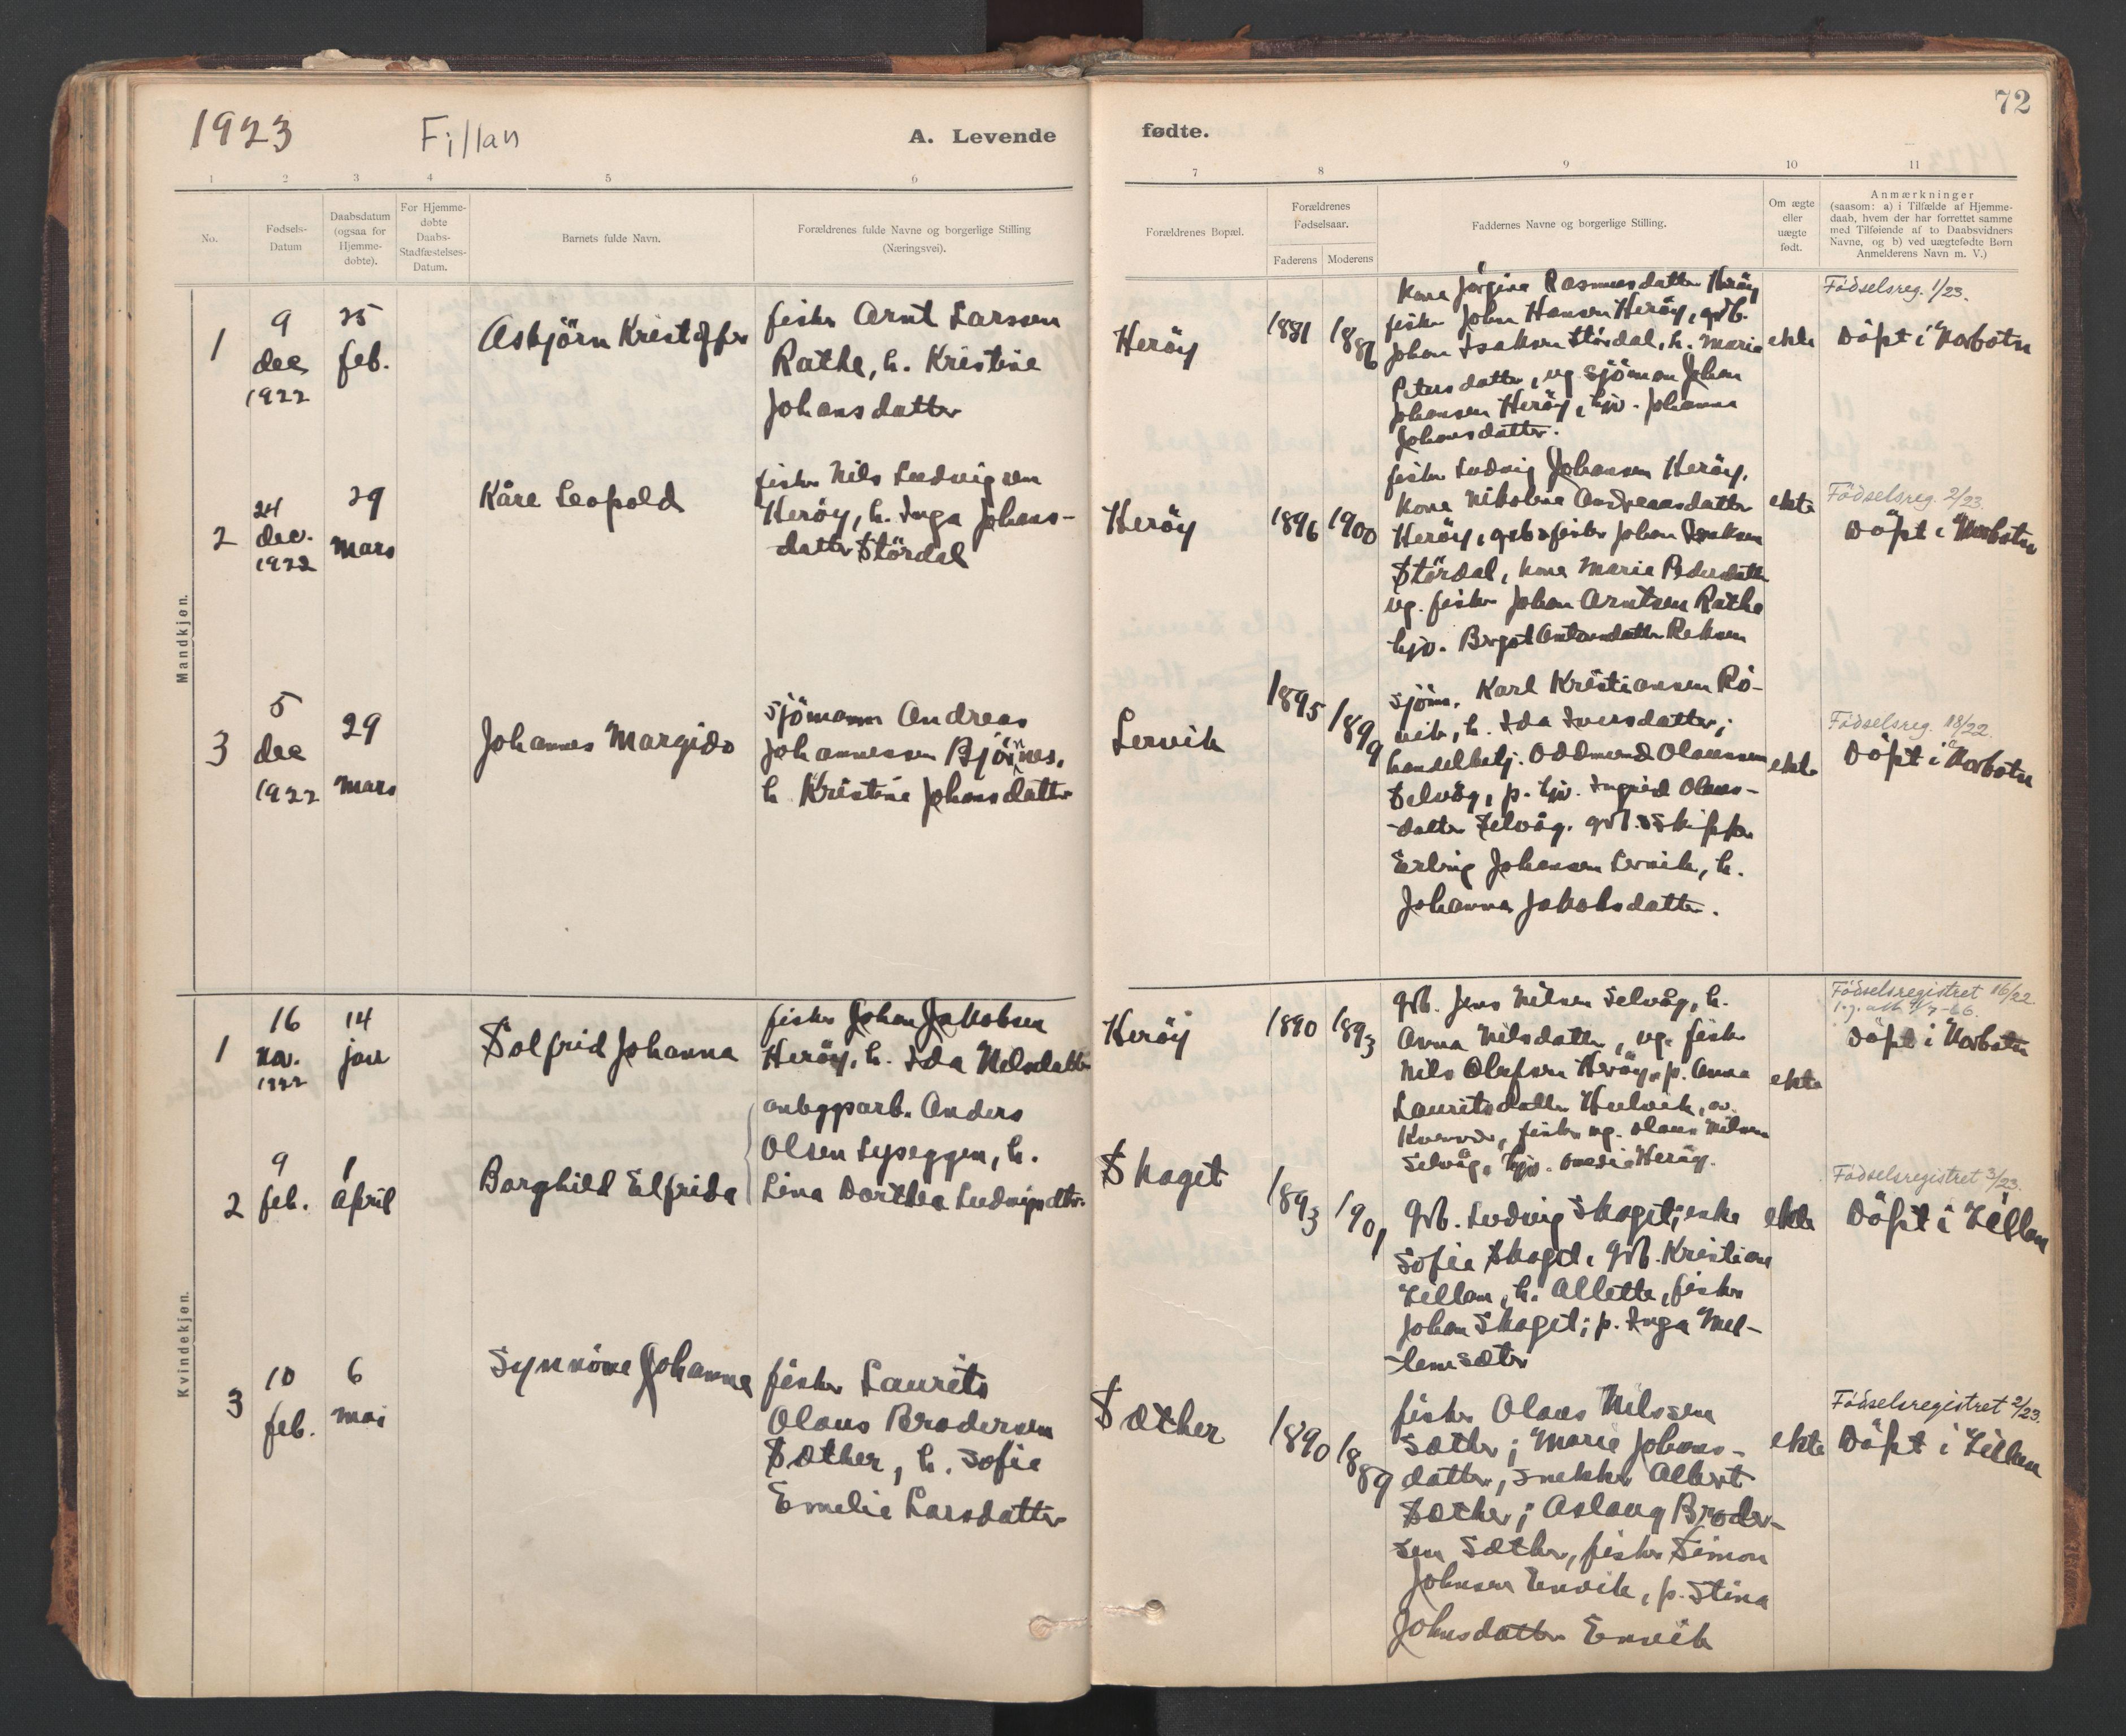 SAT, Ministerialprotokoller, klokkerbøker og fødselsregistre - Sør-Trøndelag, 637/L0559: Ministerialbok nr. 637A02, 1899-1923, s. 72